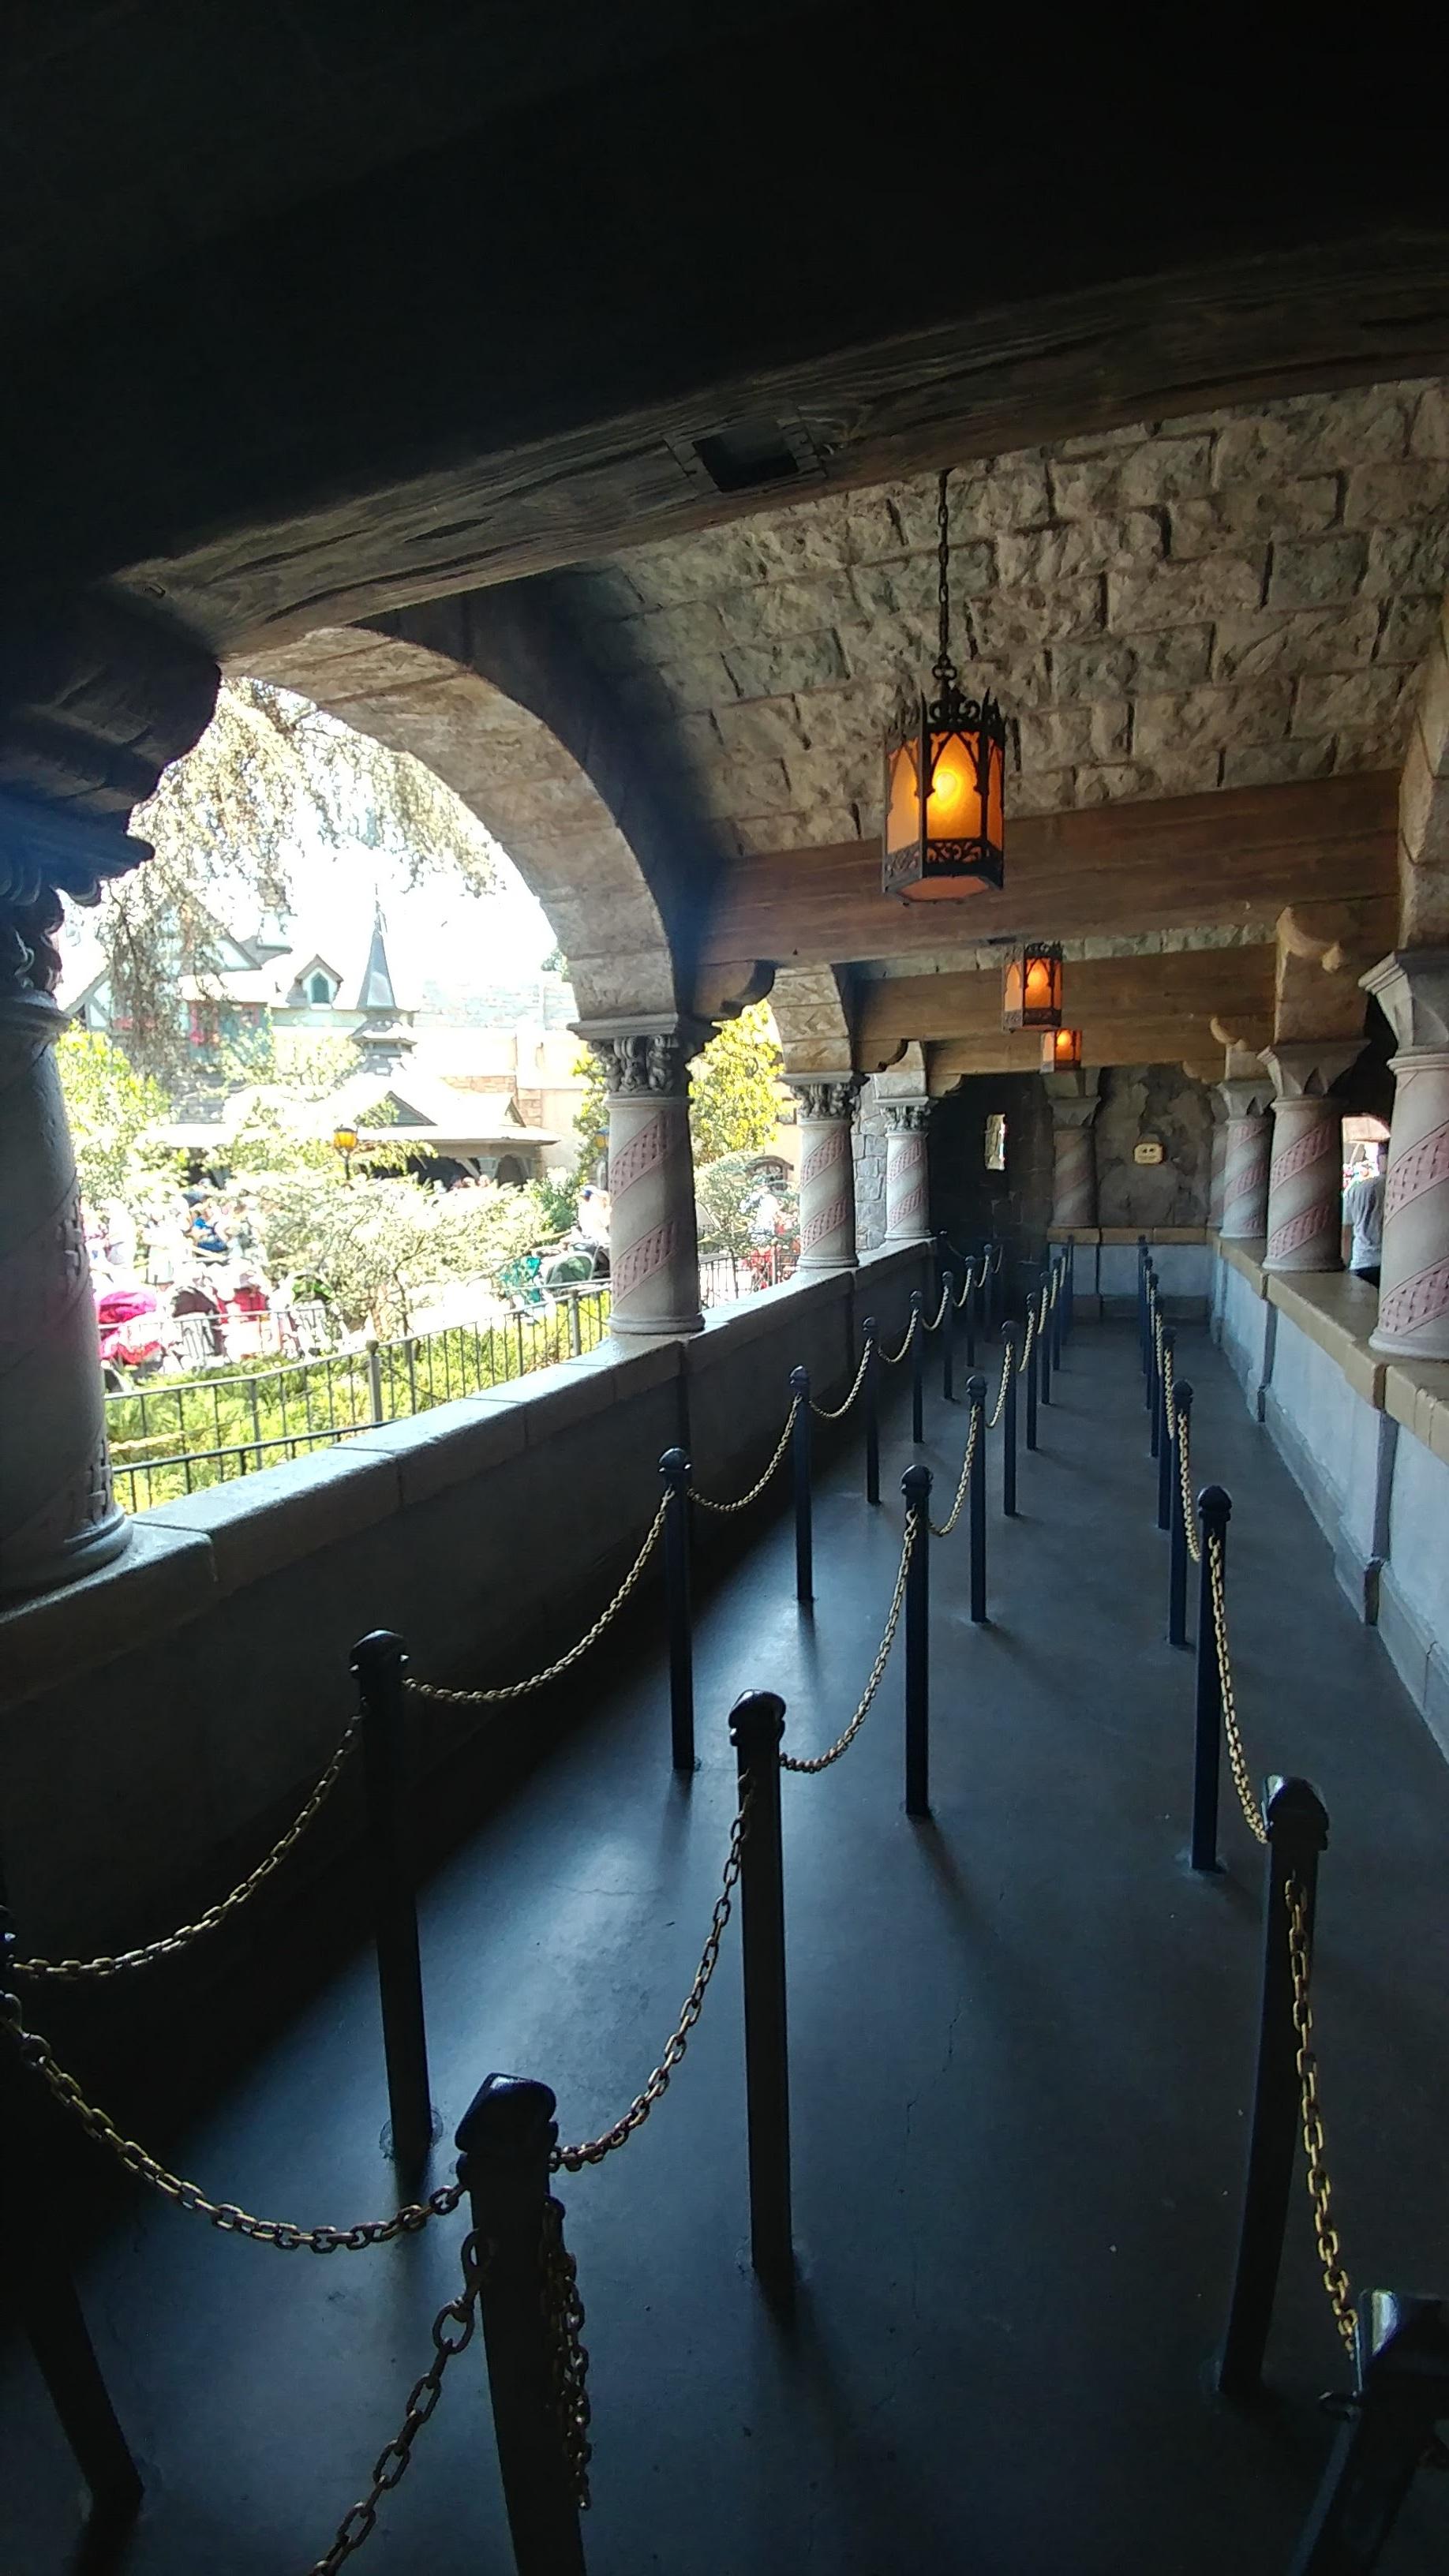 Snow White's Scary Adventures - Disneyland